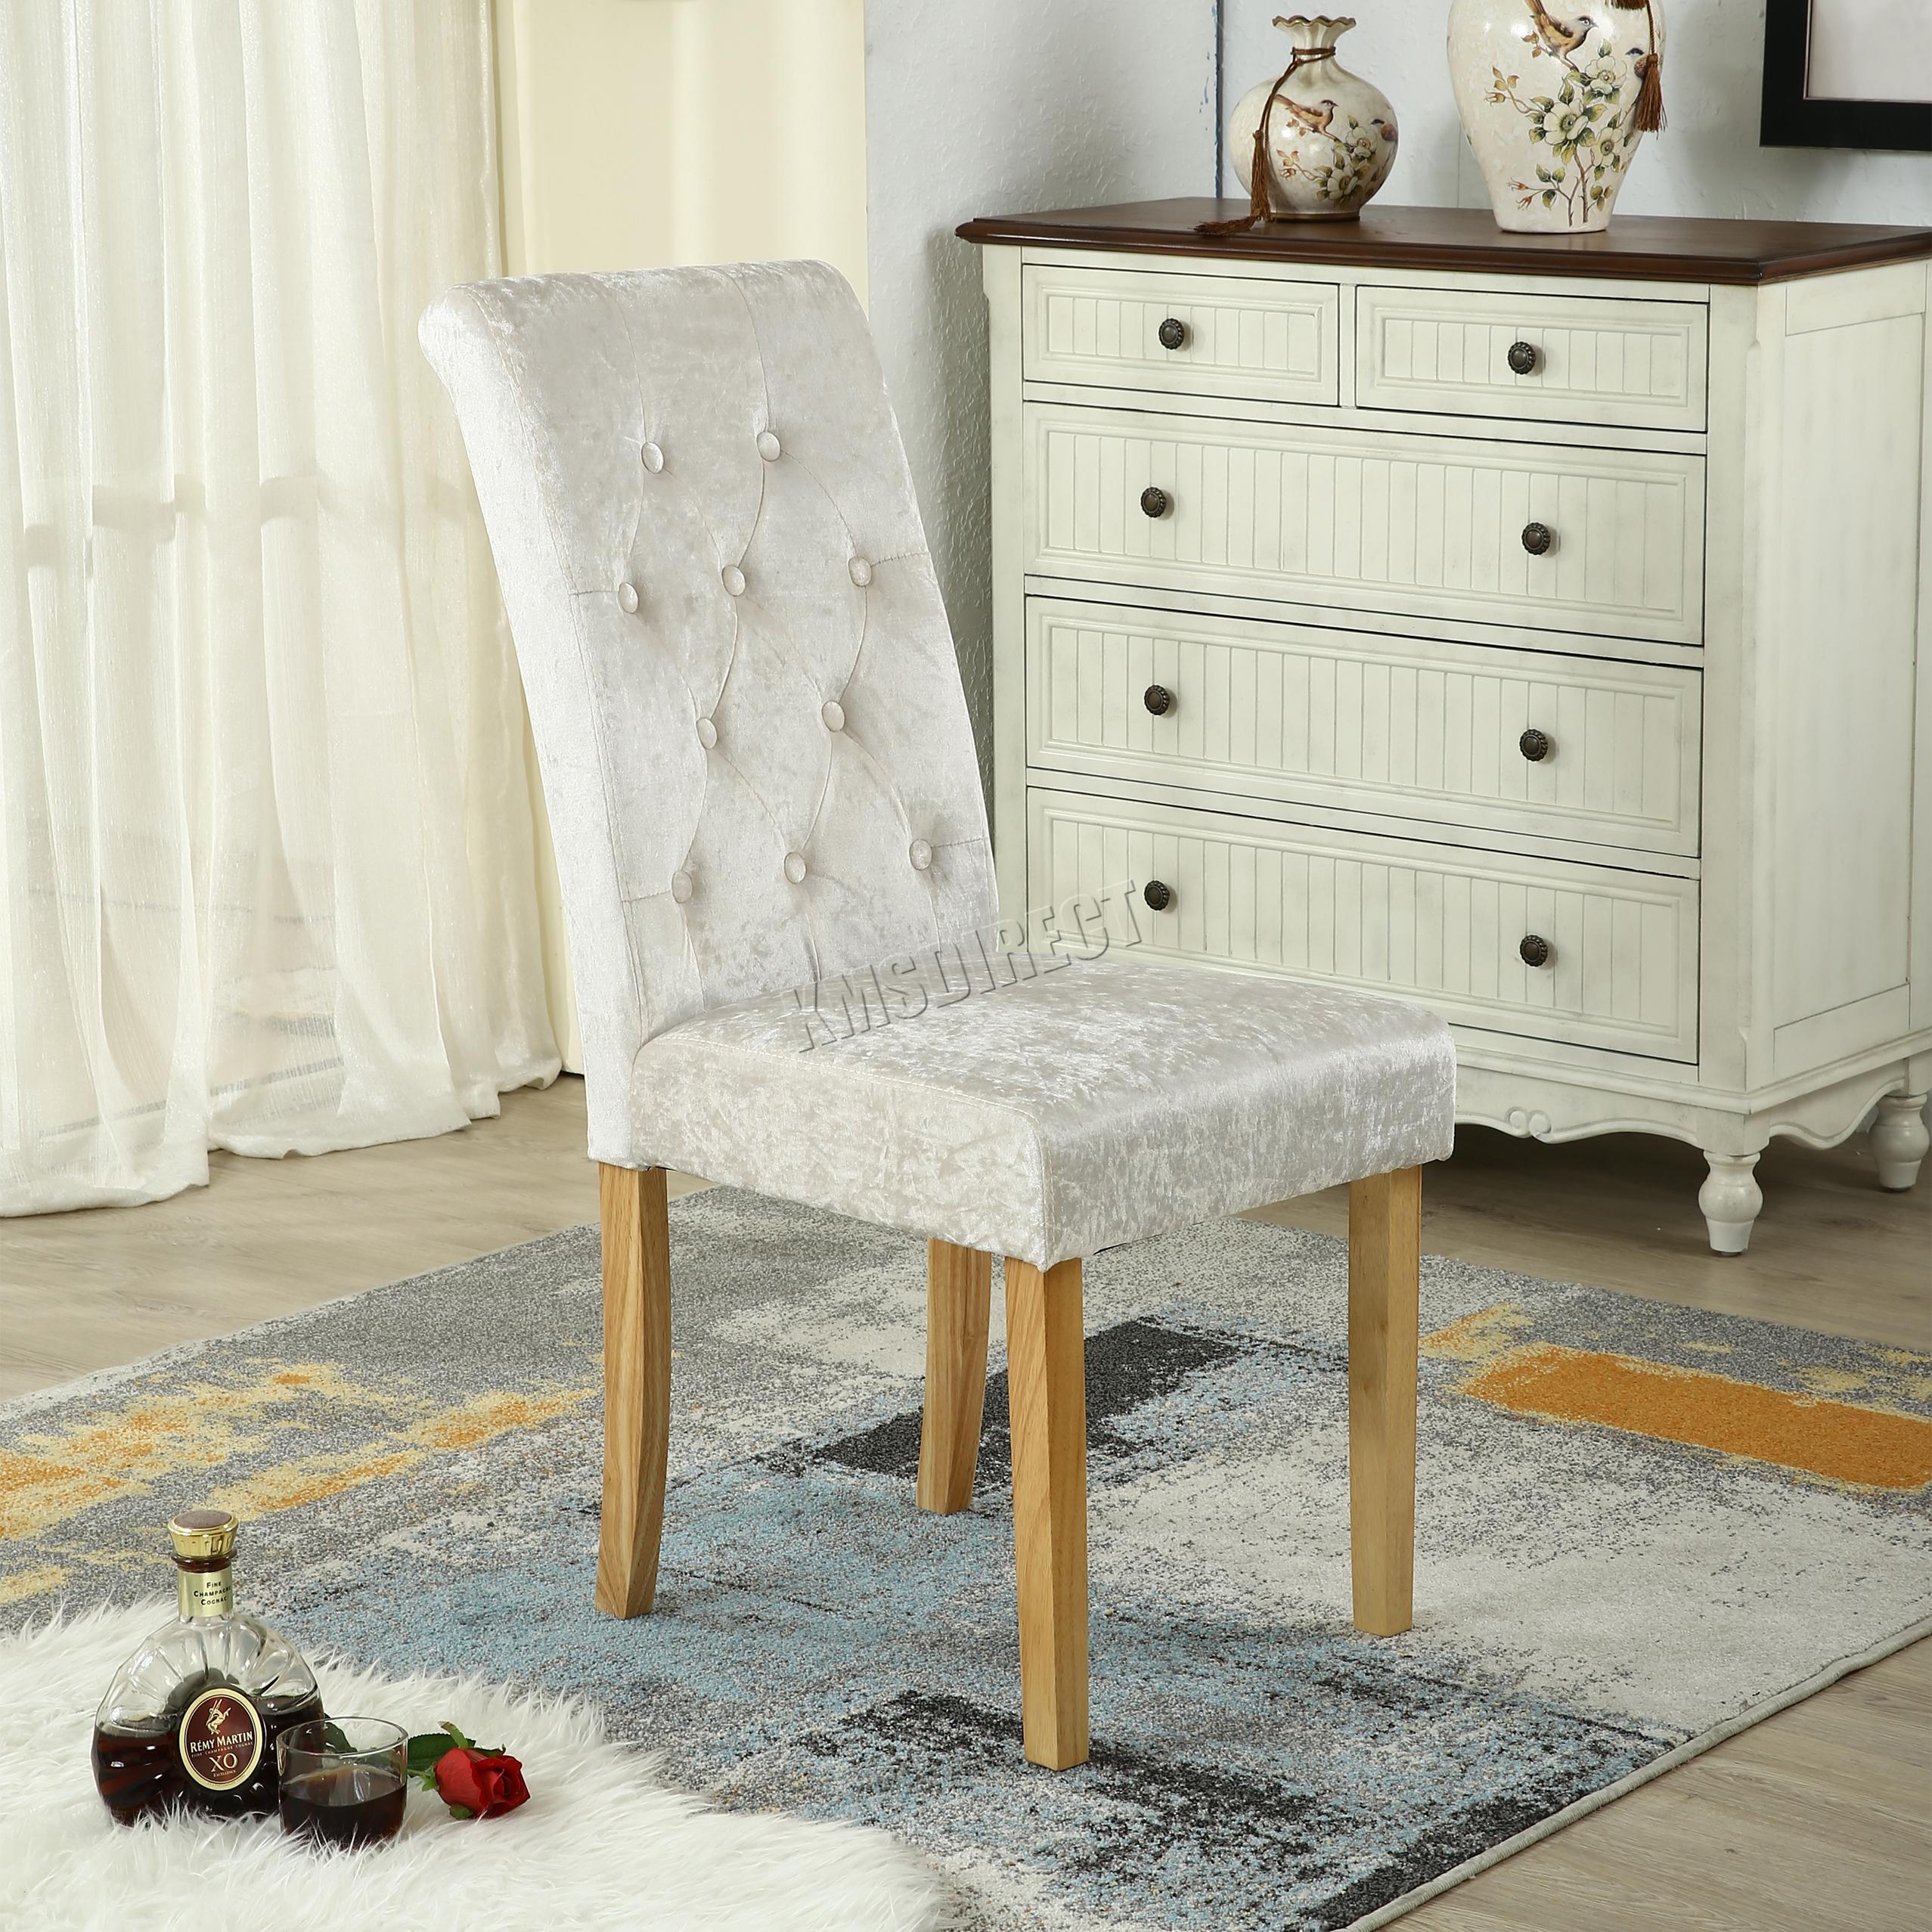 westwood zerdr cken samtstoff essstst hle bl ttern hohe r ckenlehne zimmer dcf06 ebay. Black Bedroom Furniture Sets. Home Design Ideas